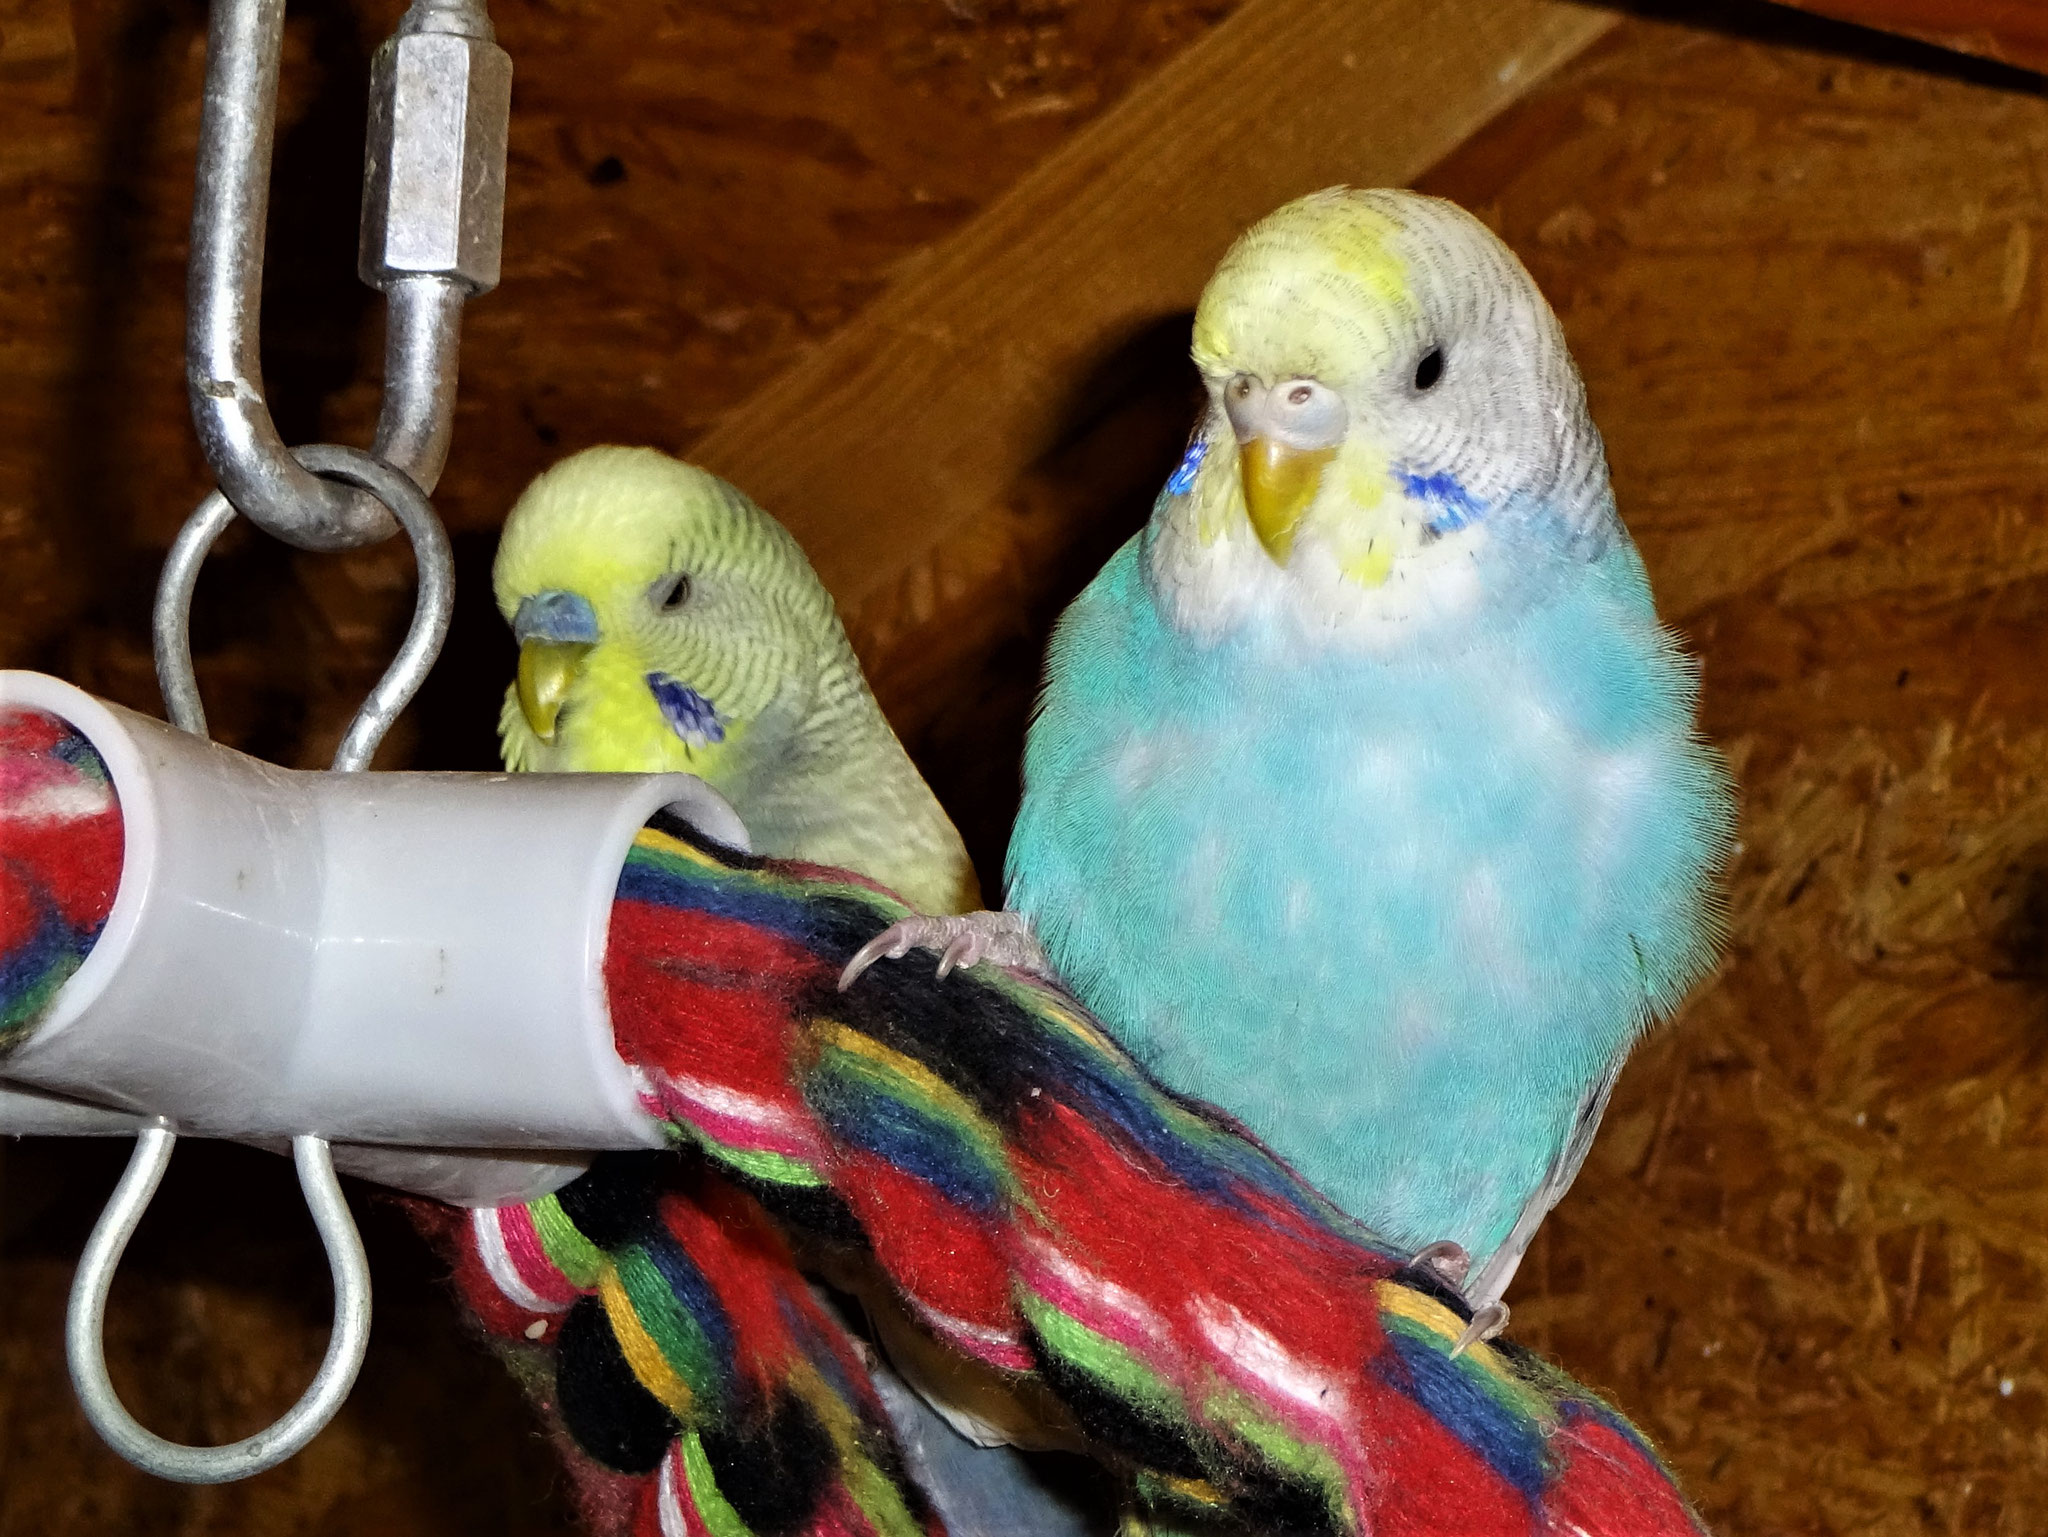 """Anni: """"...ich geh mal lieber zu Leroy, der scheint ganz lieb zu sein..."""""""